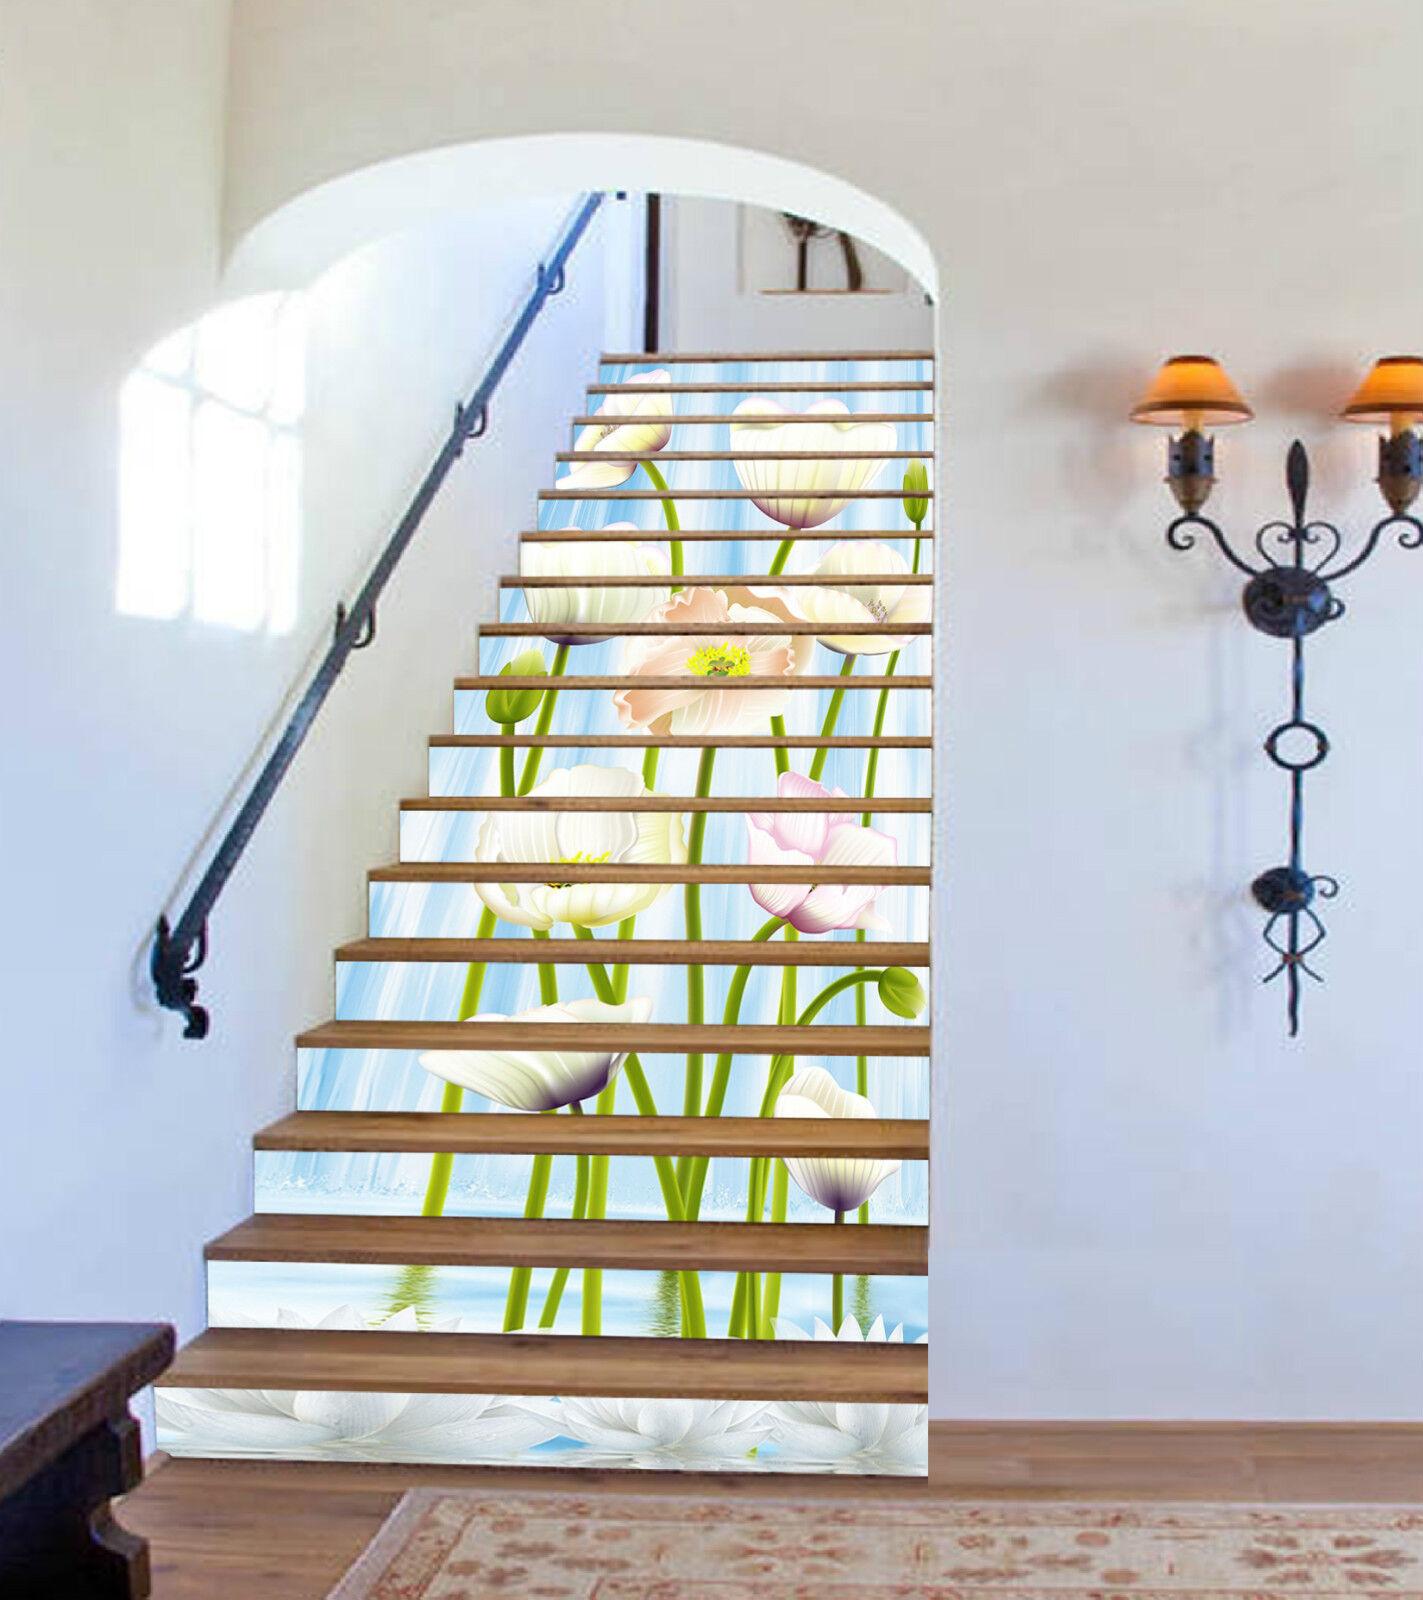 3D Weiß Blaume 996 Stair Risers Dekoration Fototapete Vinyl Aufkleber Tapete DE